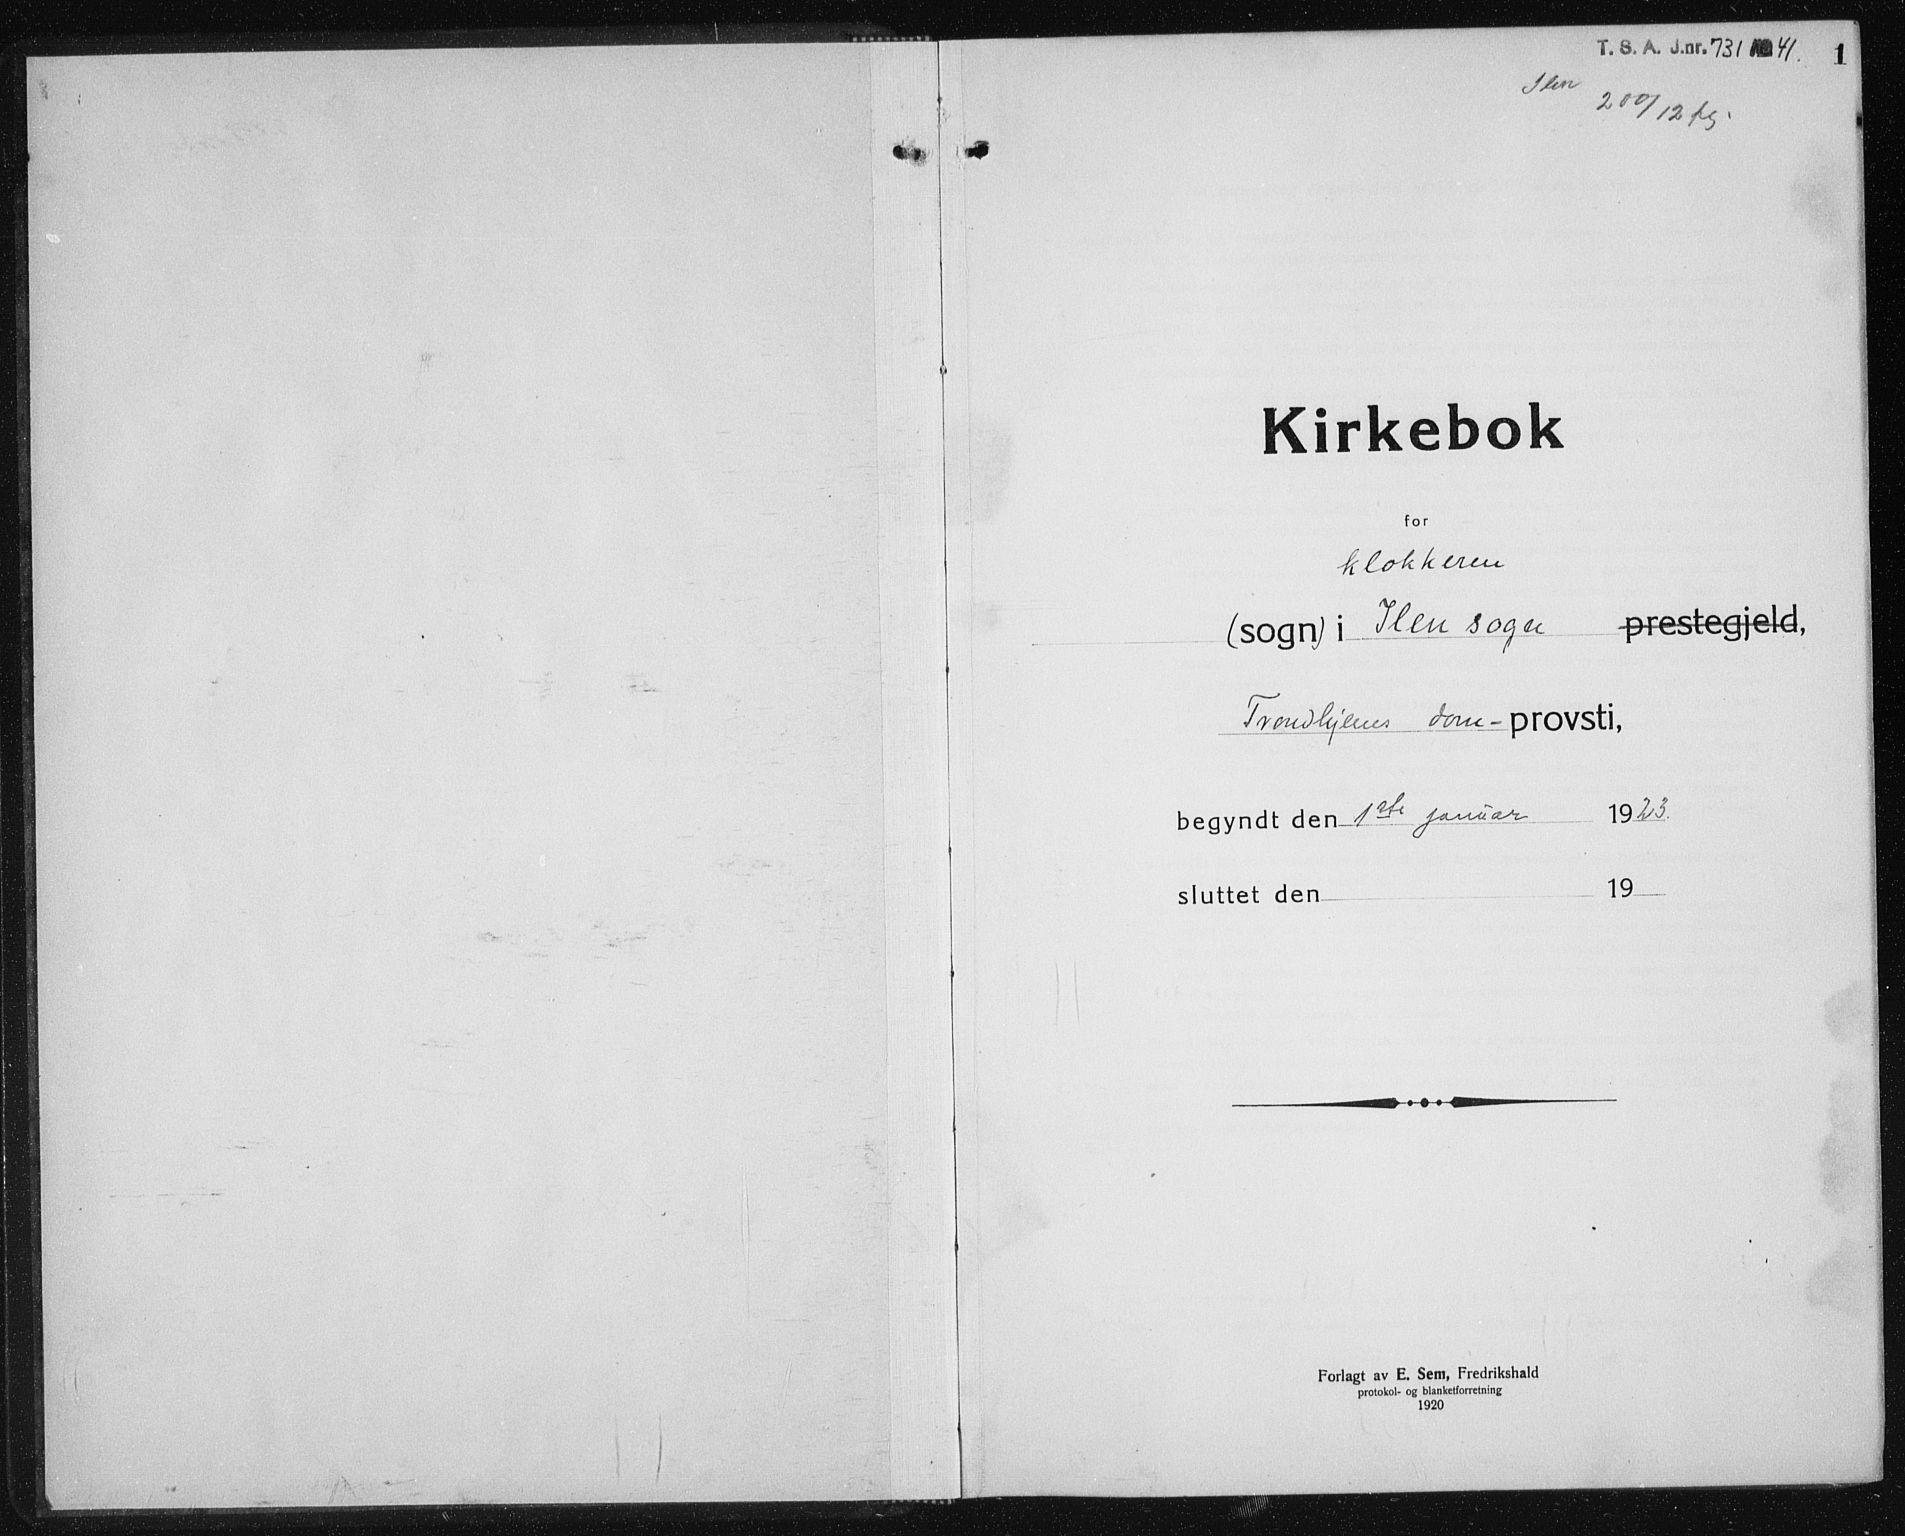 SAT, Ministerialprotokoller, klokkerbøker og fødselsregistre - Sør-Trøndelag, 603/L0176: Klokkerbok nr. 603C04, 1923-1941, s. 1